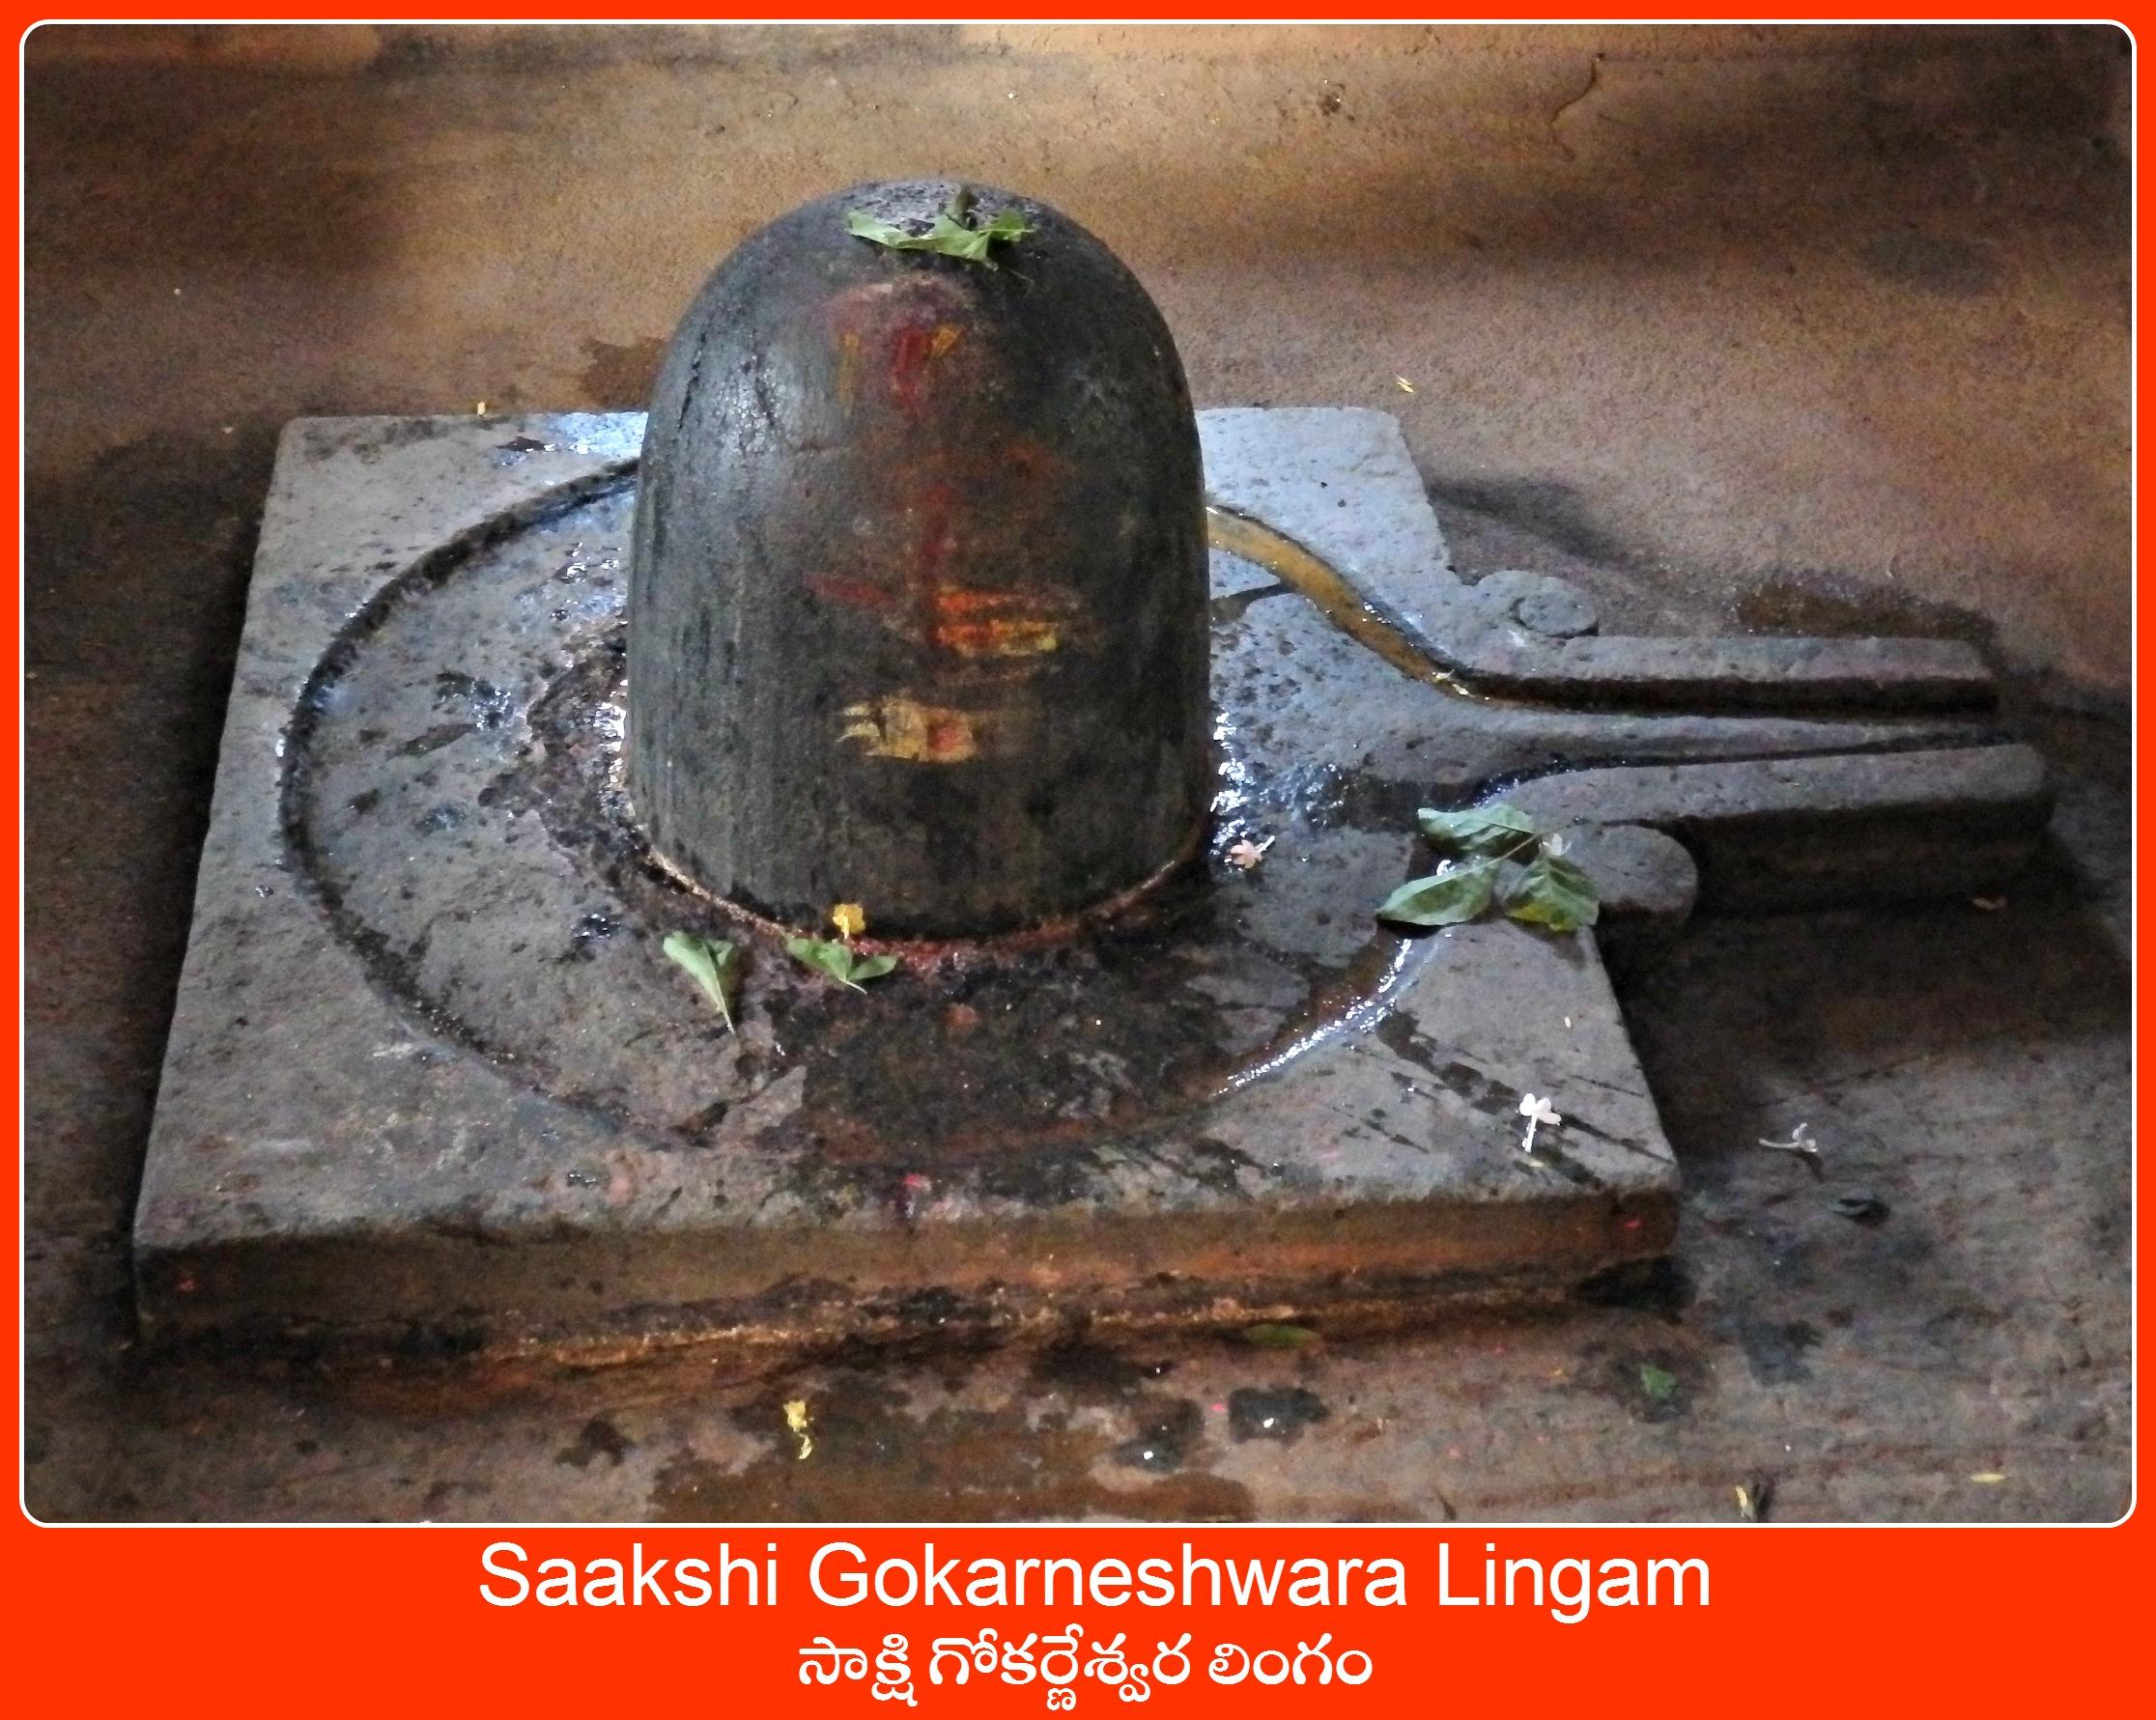 saakshi Gokarneshwara Lingam